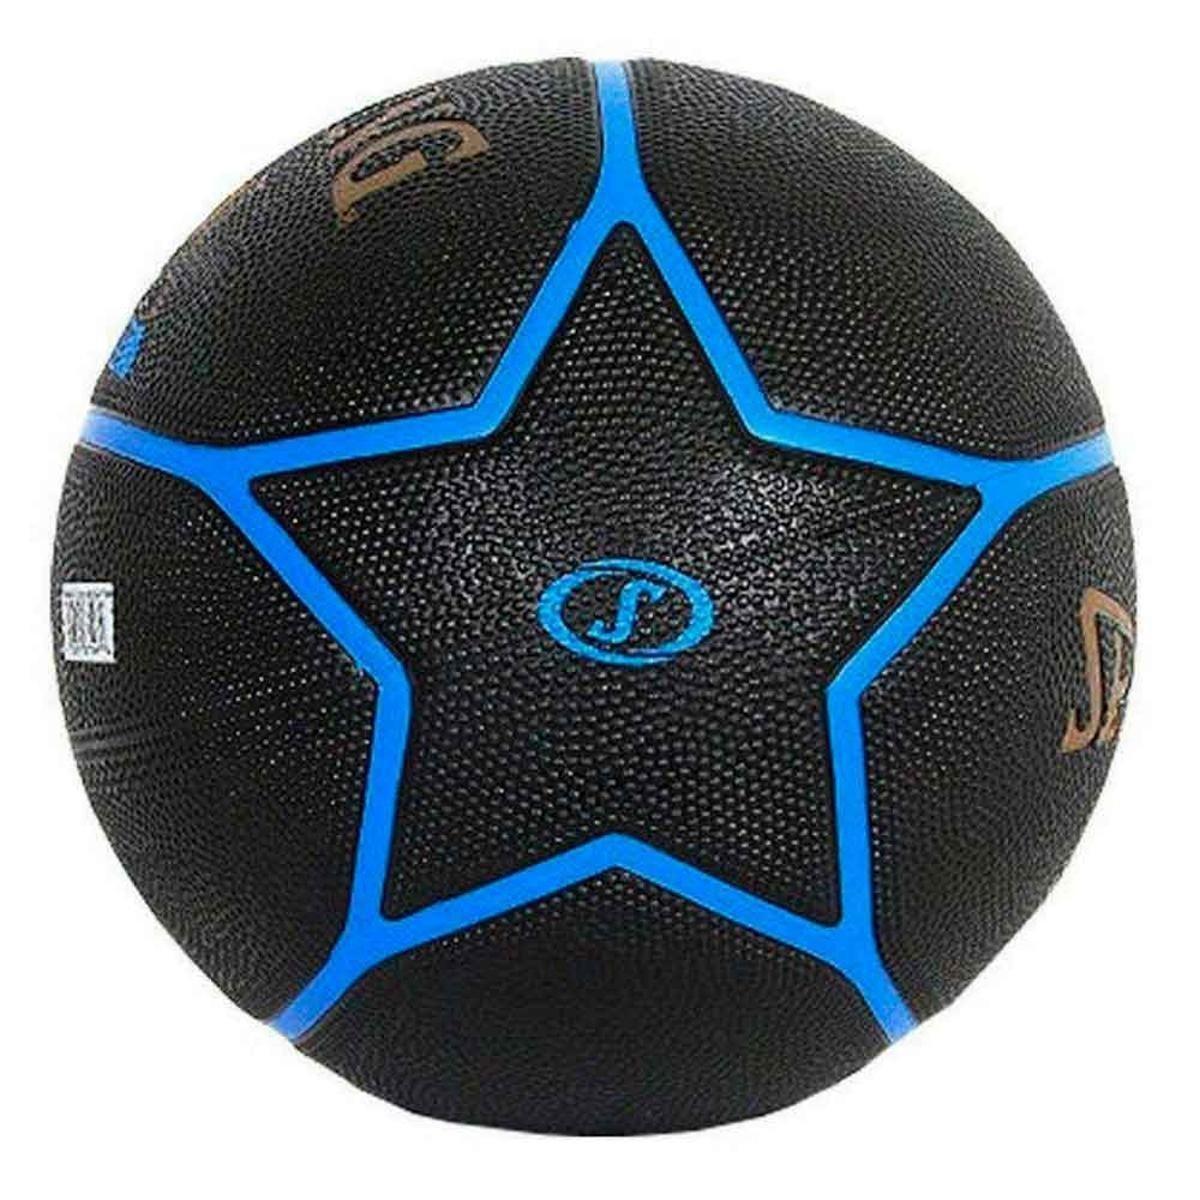 Bola Basquete Spalding Highlight - Preto e Azul - Compre Agora ... d31b46a2106d6